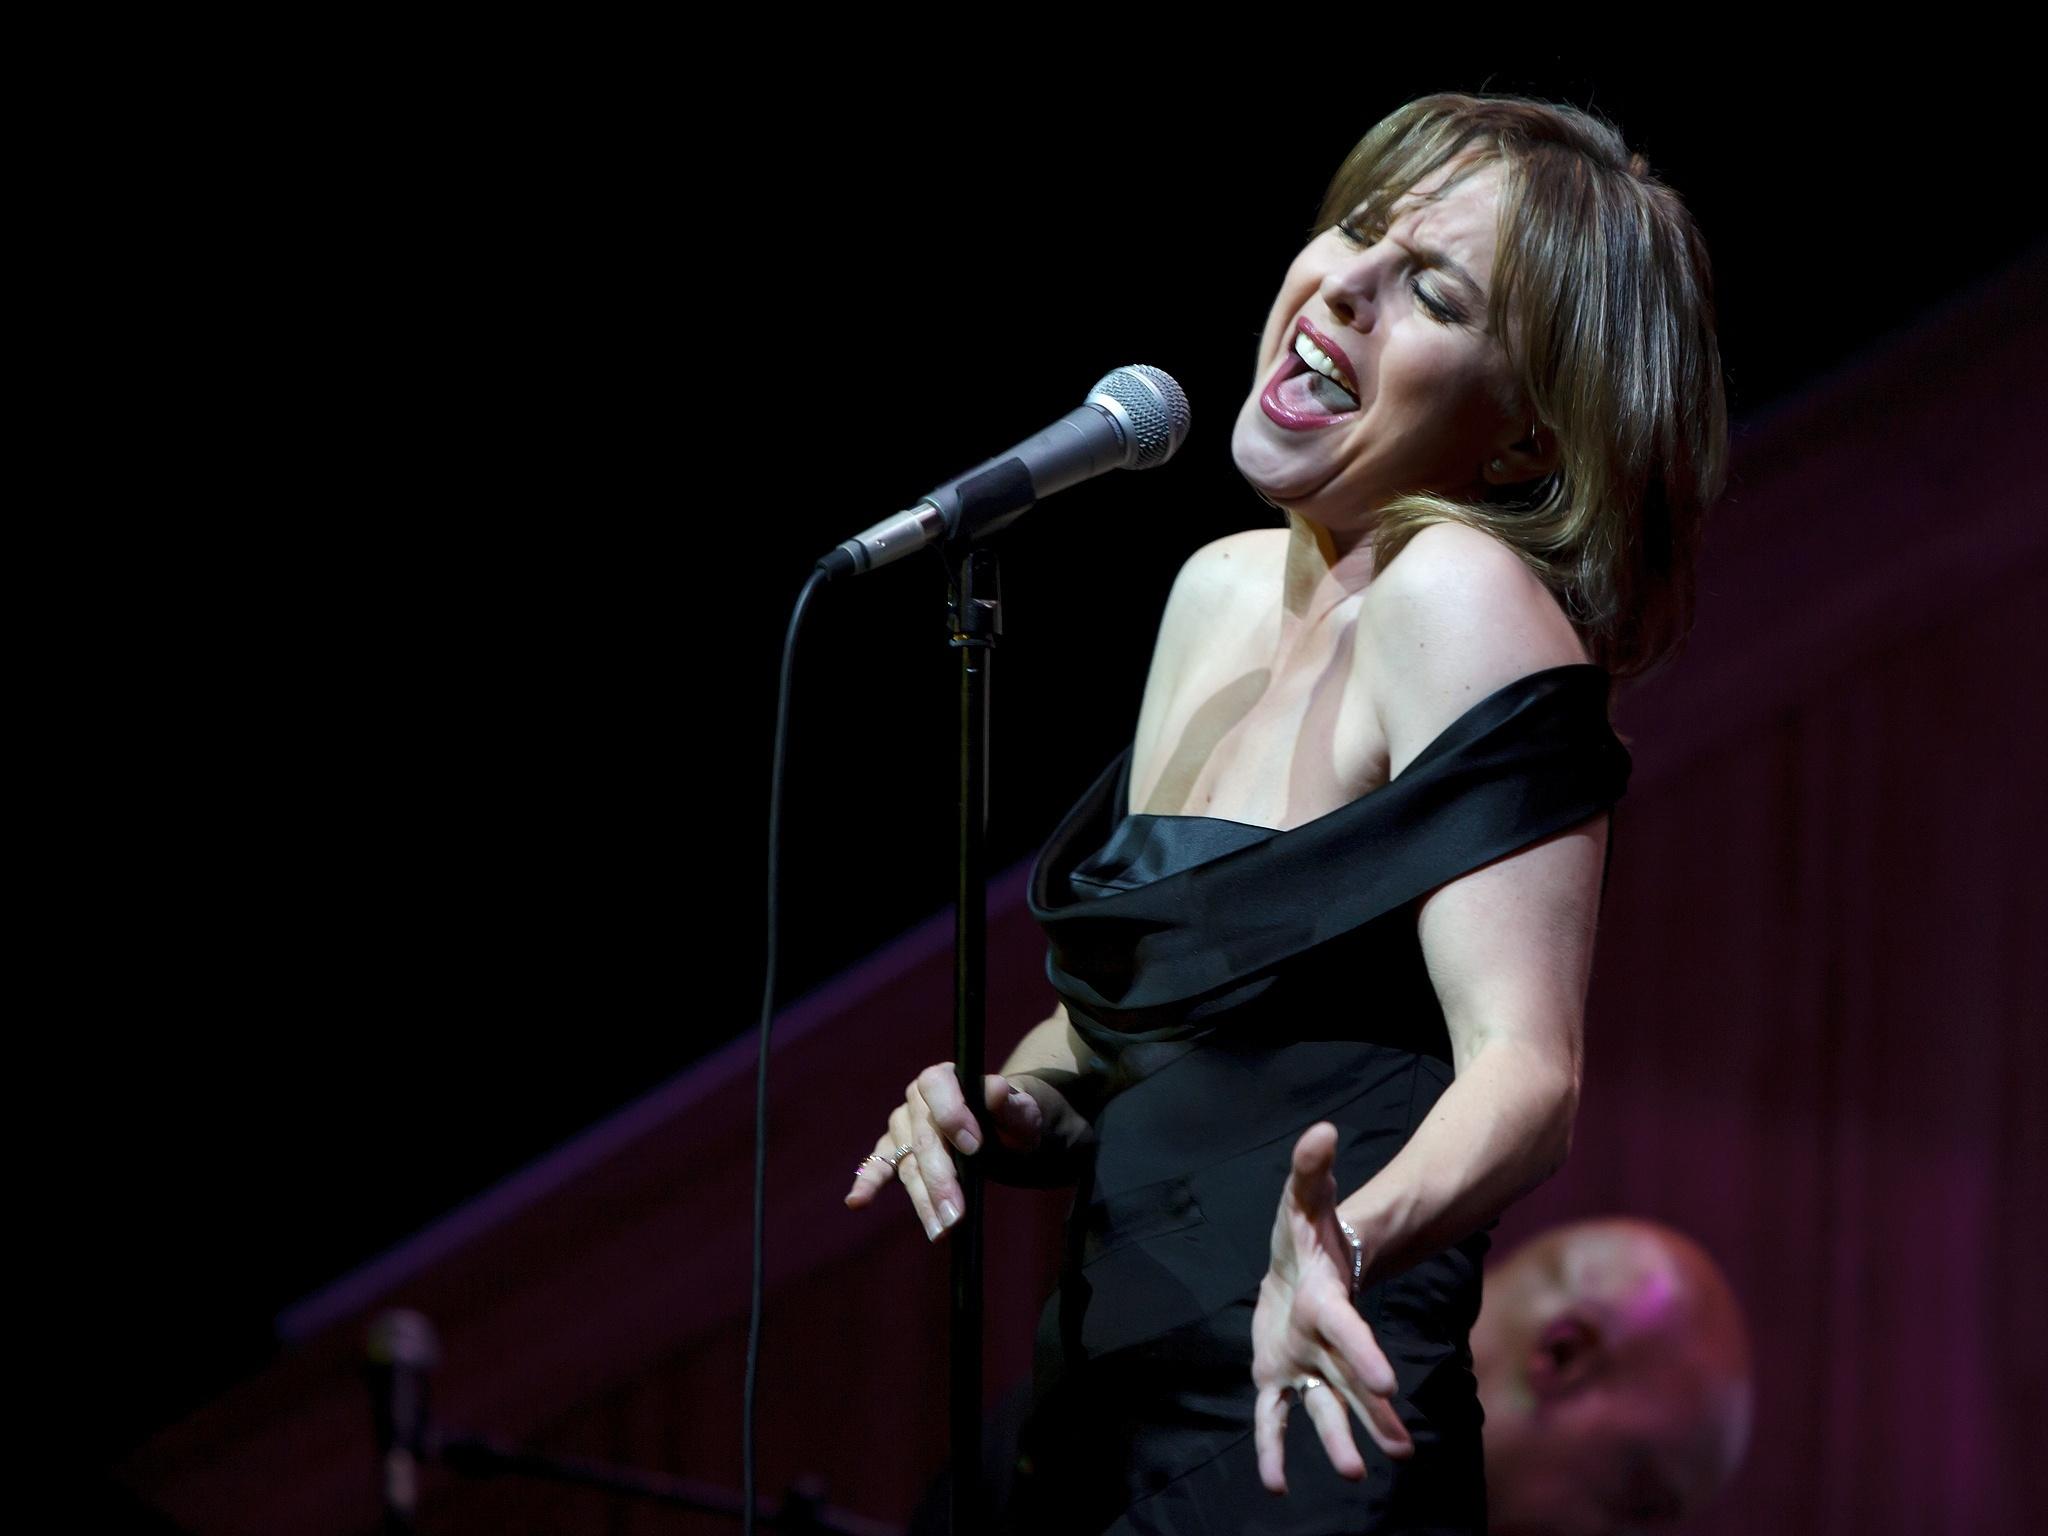 Natalia Dicenta repasará este viernes en el Bogui Jazz el repertorio de su último álbum, que combina jazz, soul y folk